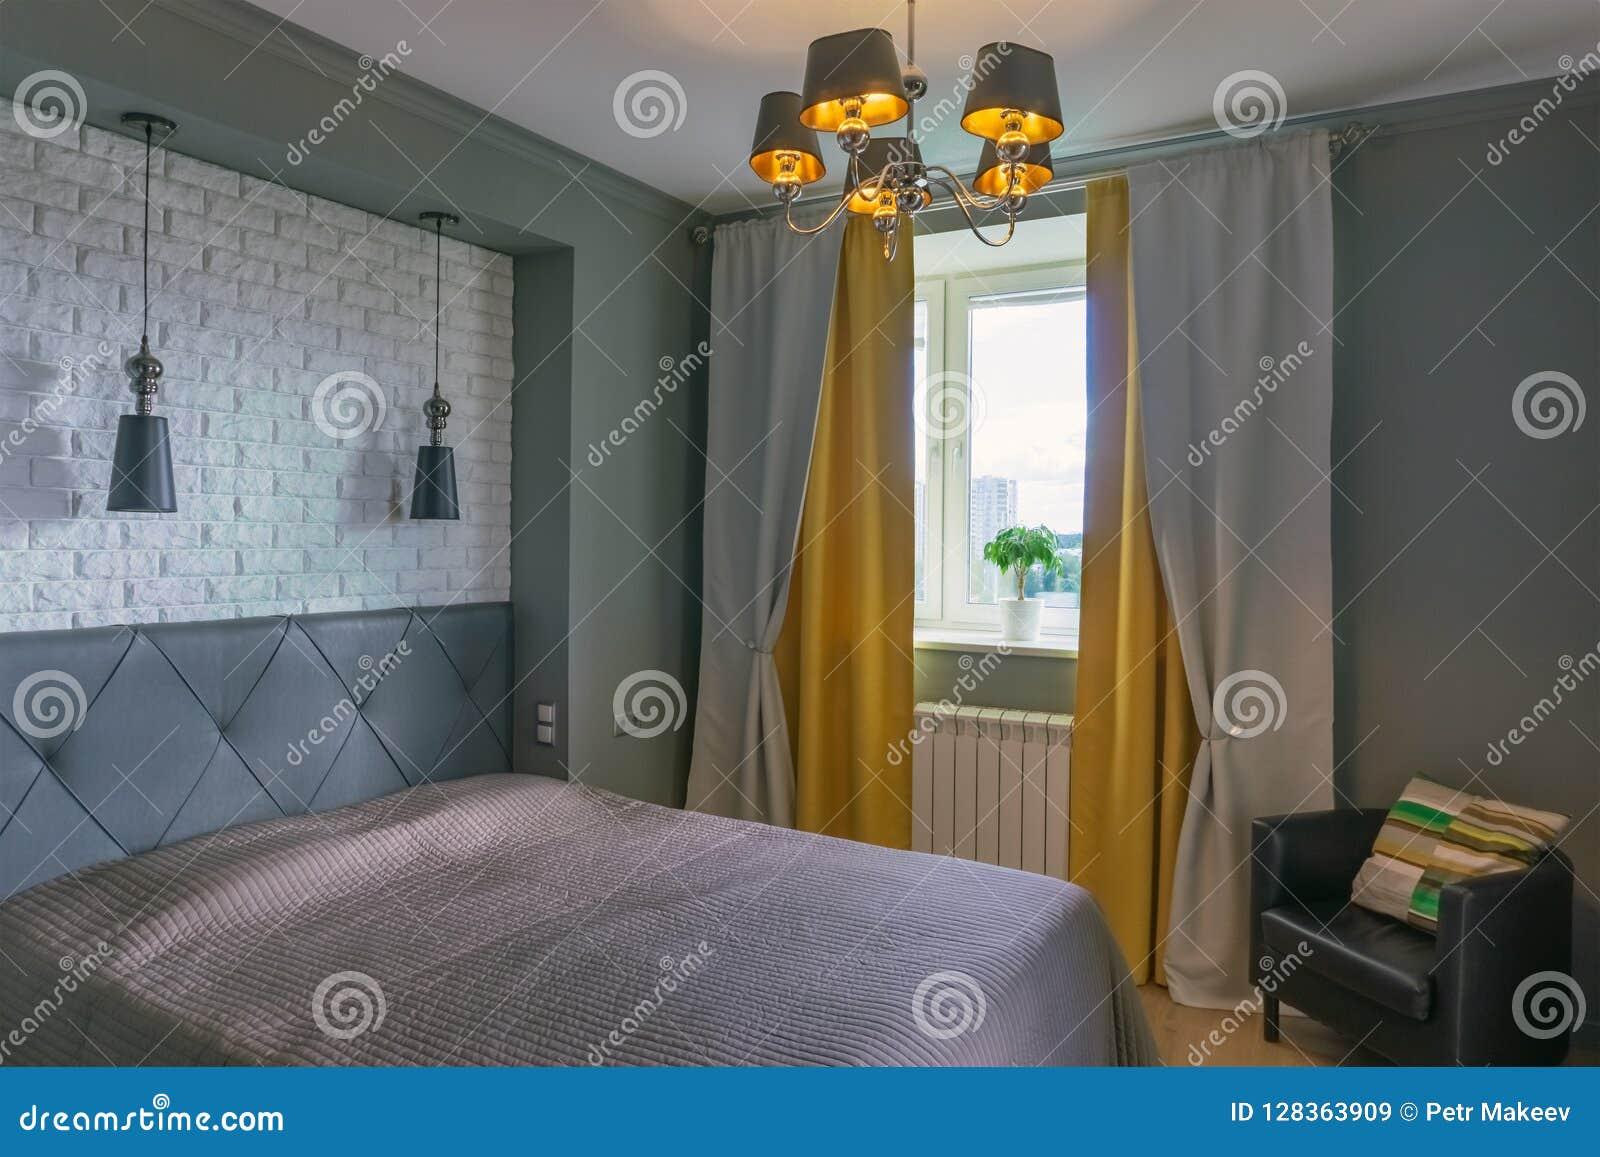 Chambre à Coucher Dans Des Tons Gris Et Jaunes Image stock - Image ...